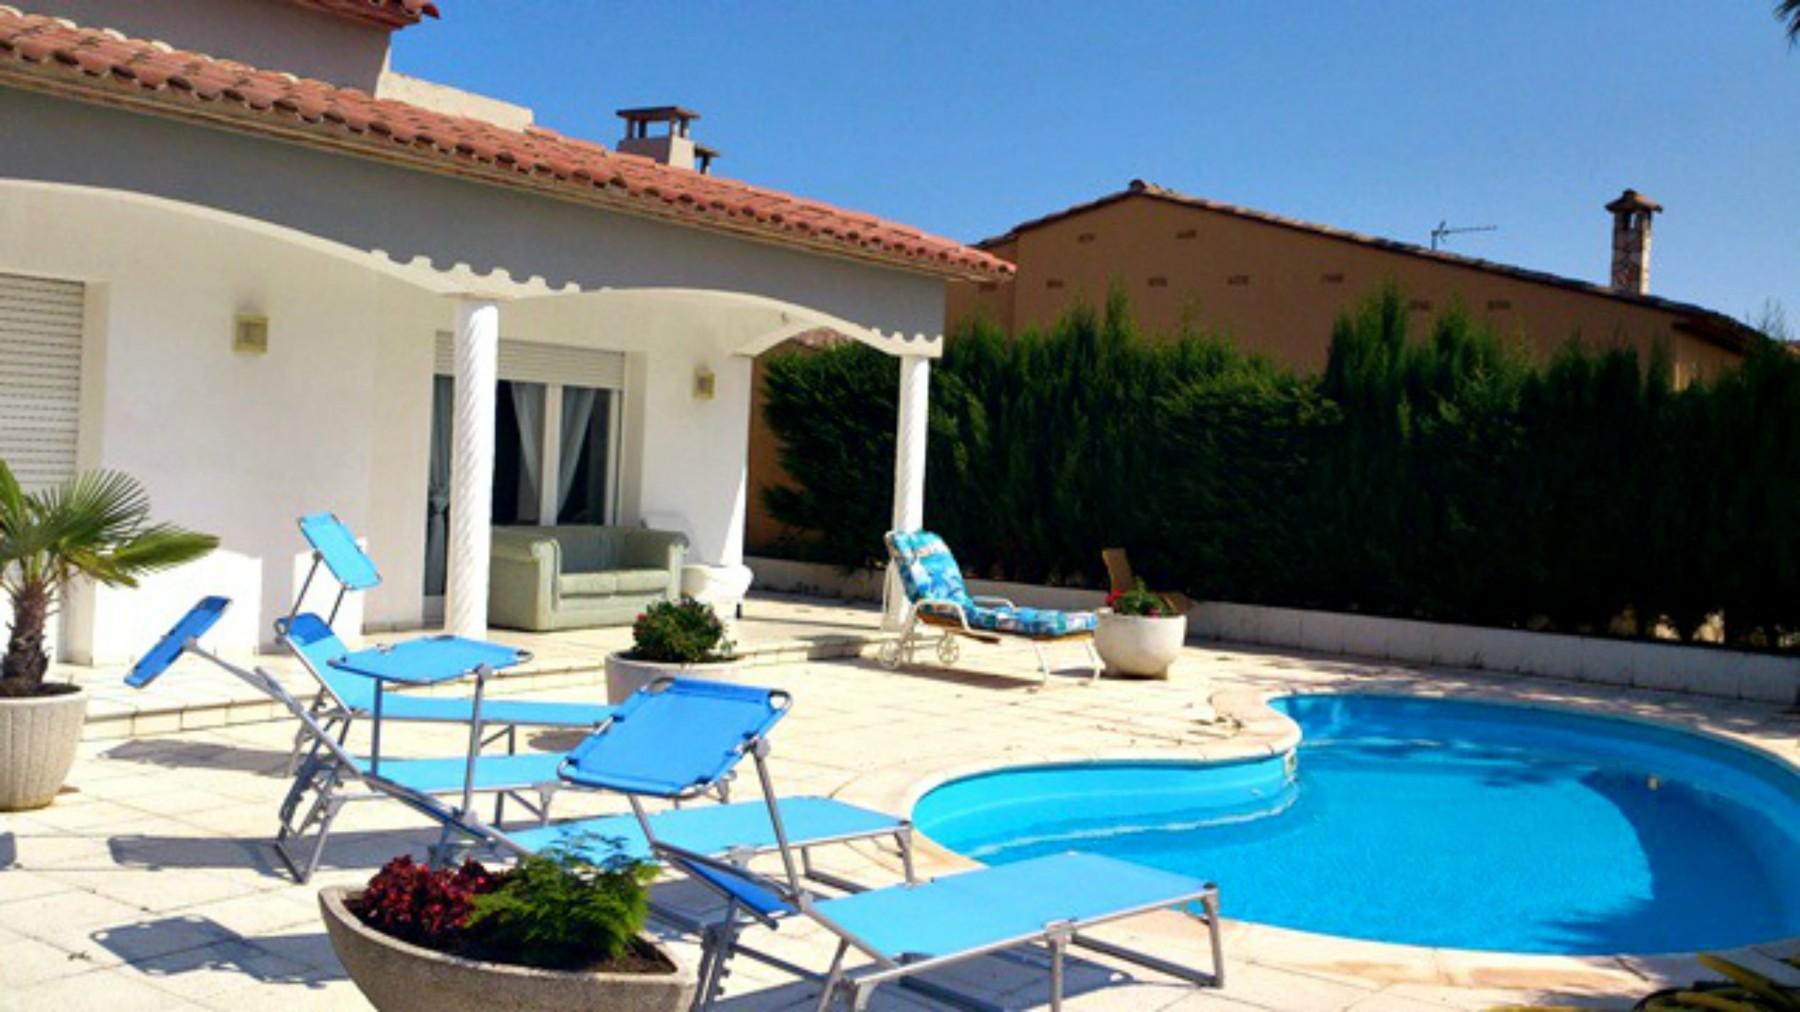 Villa Casa Oraly,Sant Pere Pescador,Costa Brava #1